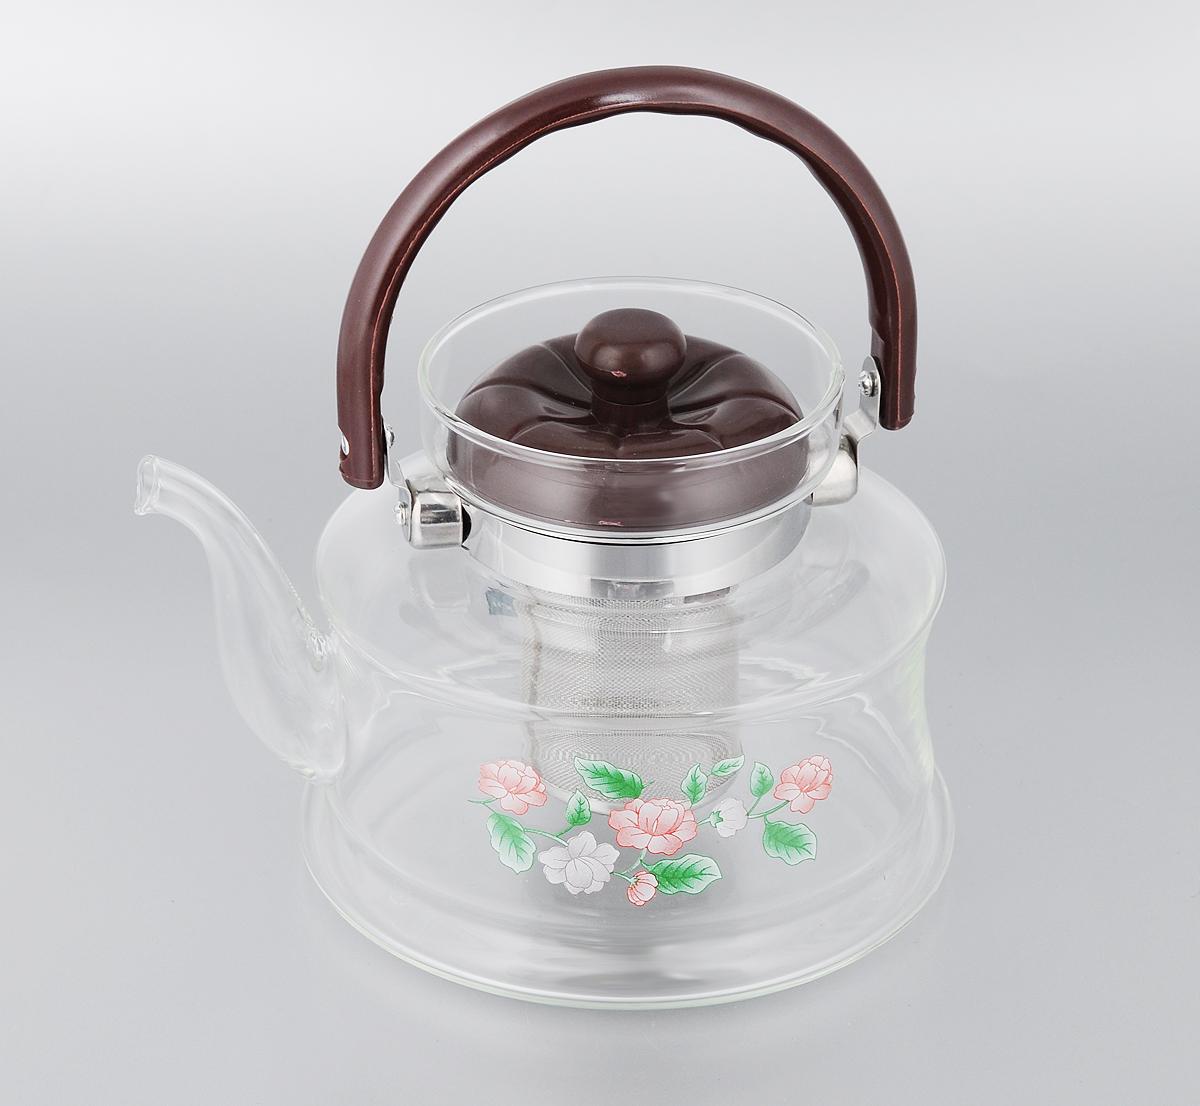 Чайник заварочный Mayer & Boch, с фильтром, 1,4 л. 25912591Заварочный чайник Mayer & Boch, выполненный из термостойкого стекла, предоставит вам все необходимые возможности для успешного заваривания чая. Изделие оснащено бакелитовой ручкой, крышкой и сетчатым фильтром из нержавеющей стали, который задерживает чаинки и предотвращает их попадание в чашку. Чай в таком чайнике дольше остается горячим, а полезные и ароматические вещества полностью сохраняются в напитке. Эстетичный и функциональный чайник будет оригинально смотреться в любом интерьере.Диаметр чайника (по верхнему краю): 9,5 см. Высота чайника (с учетом ручки и крышки): 19 см. Высота чайника (без учета ручки и крышки): 13 см. Высота фильтра: 7,5 см.